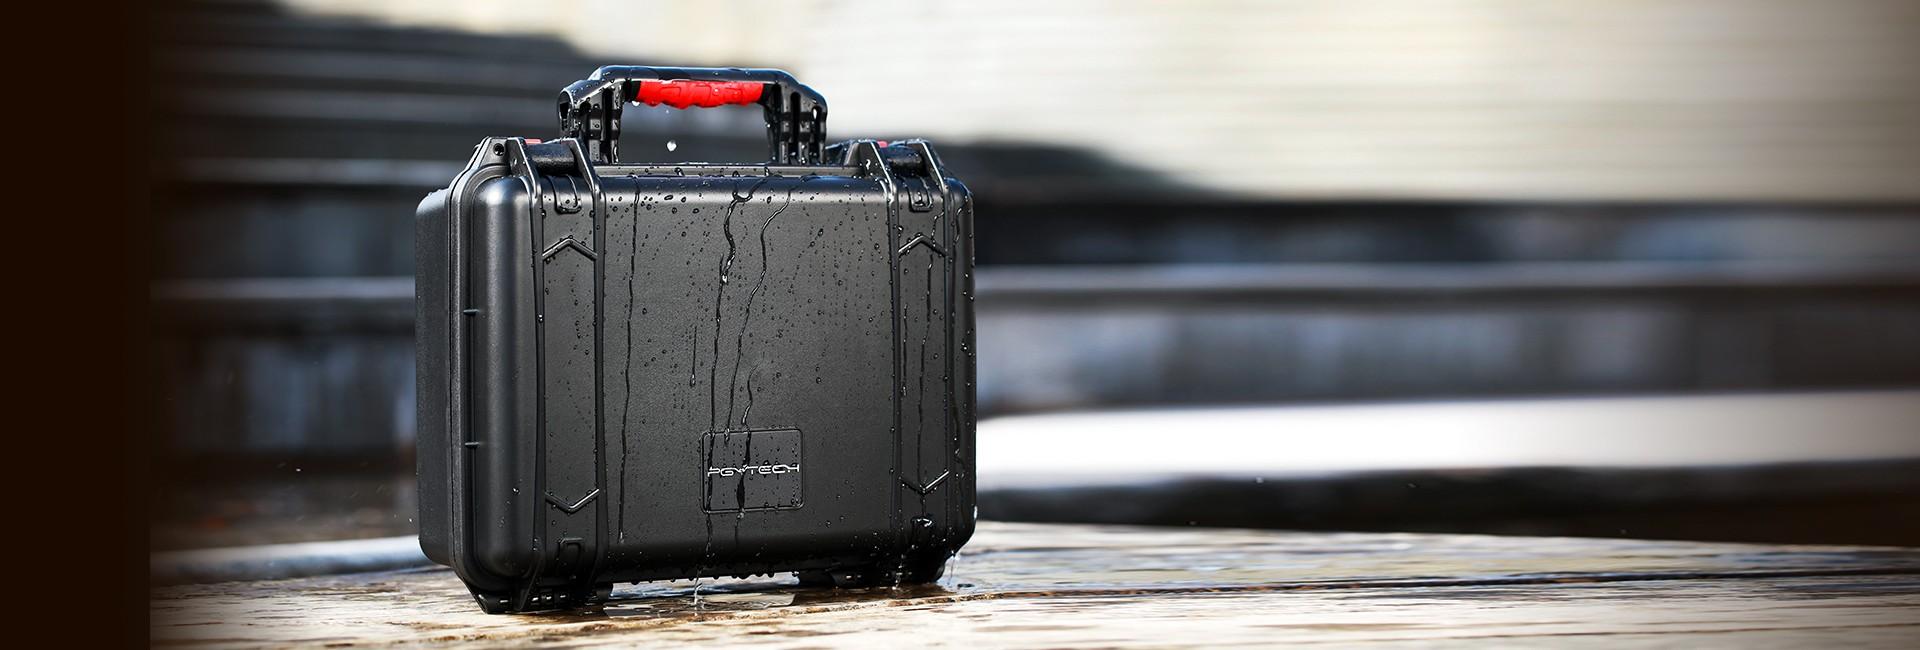 带屏遥控器防水安全箱-海报